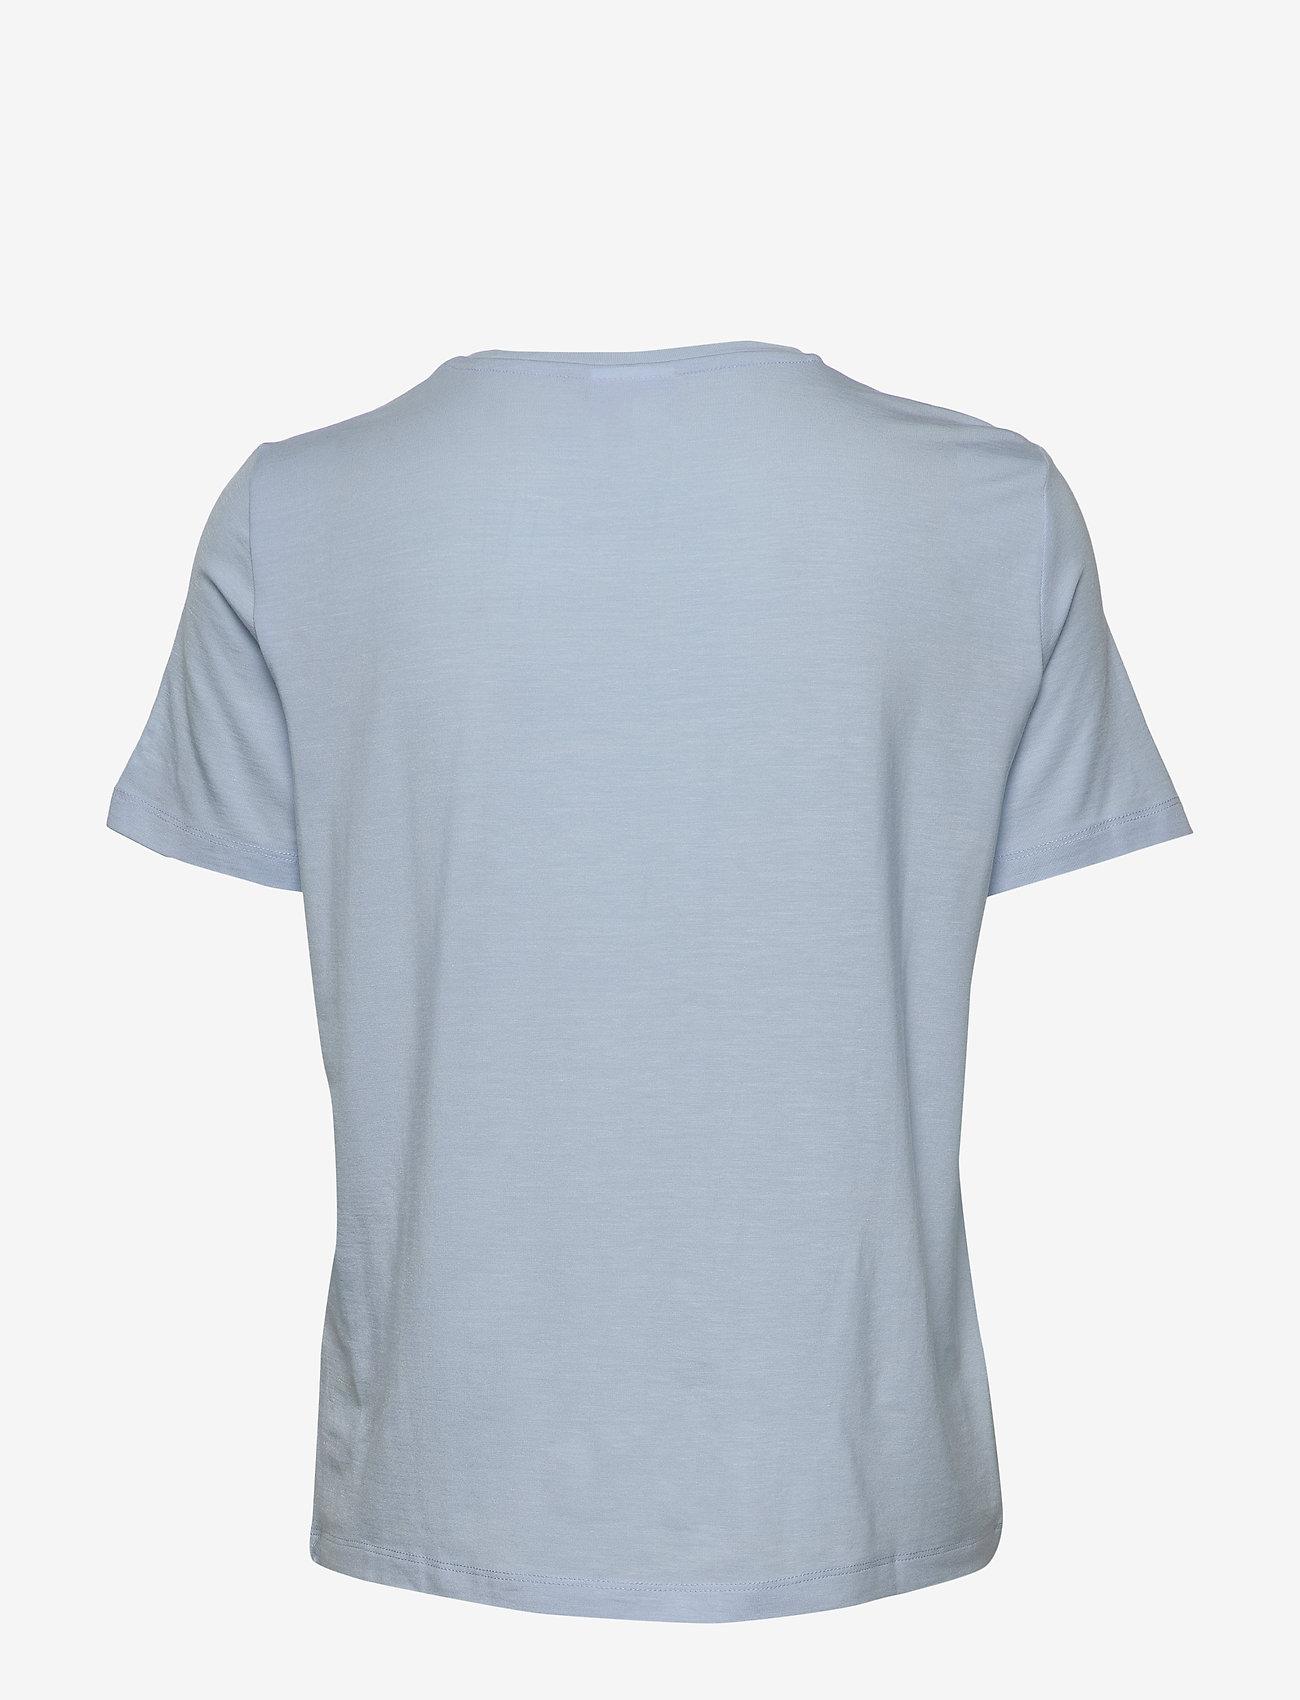 Vero Moda - VMAVA SS TOP VMA - t-shirts - cashmere blue - 1